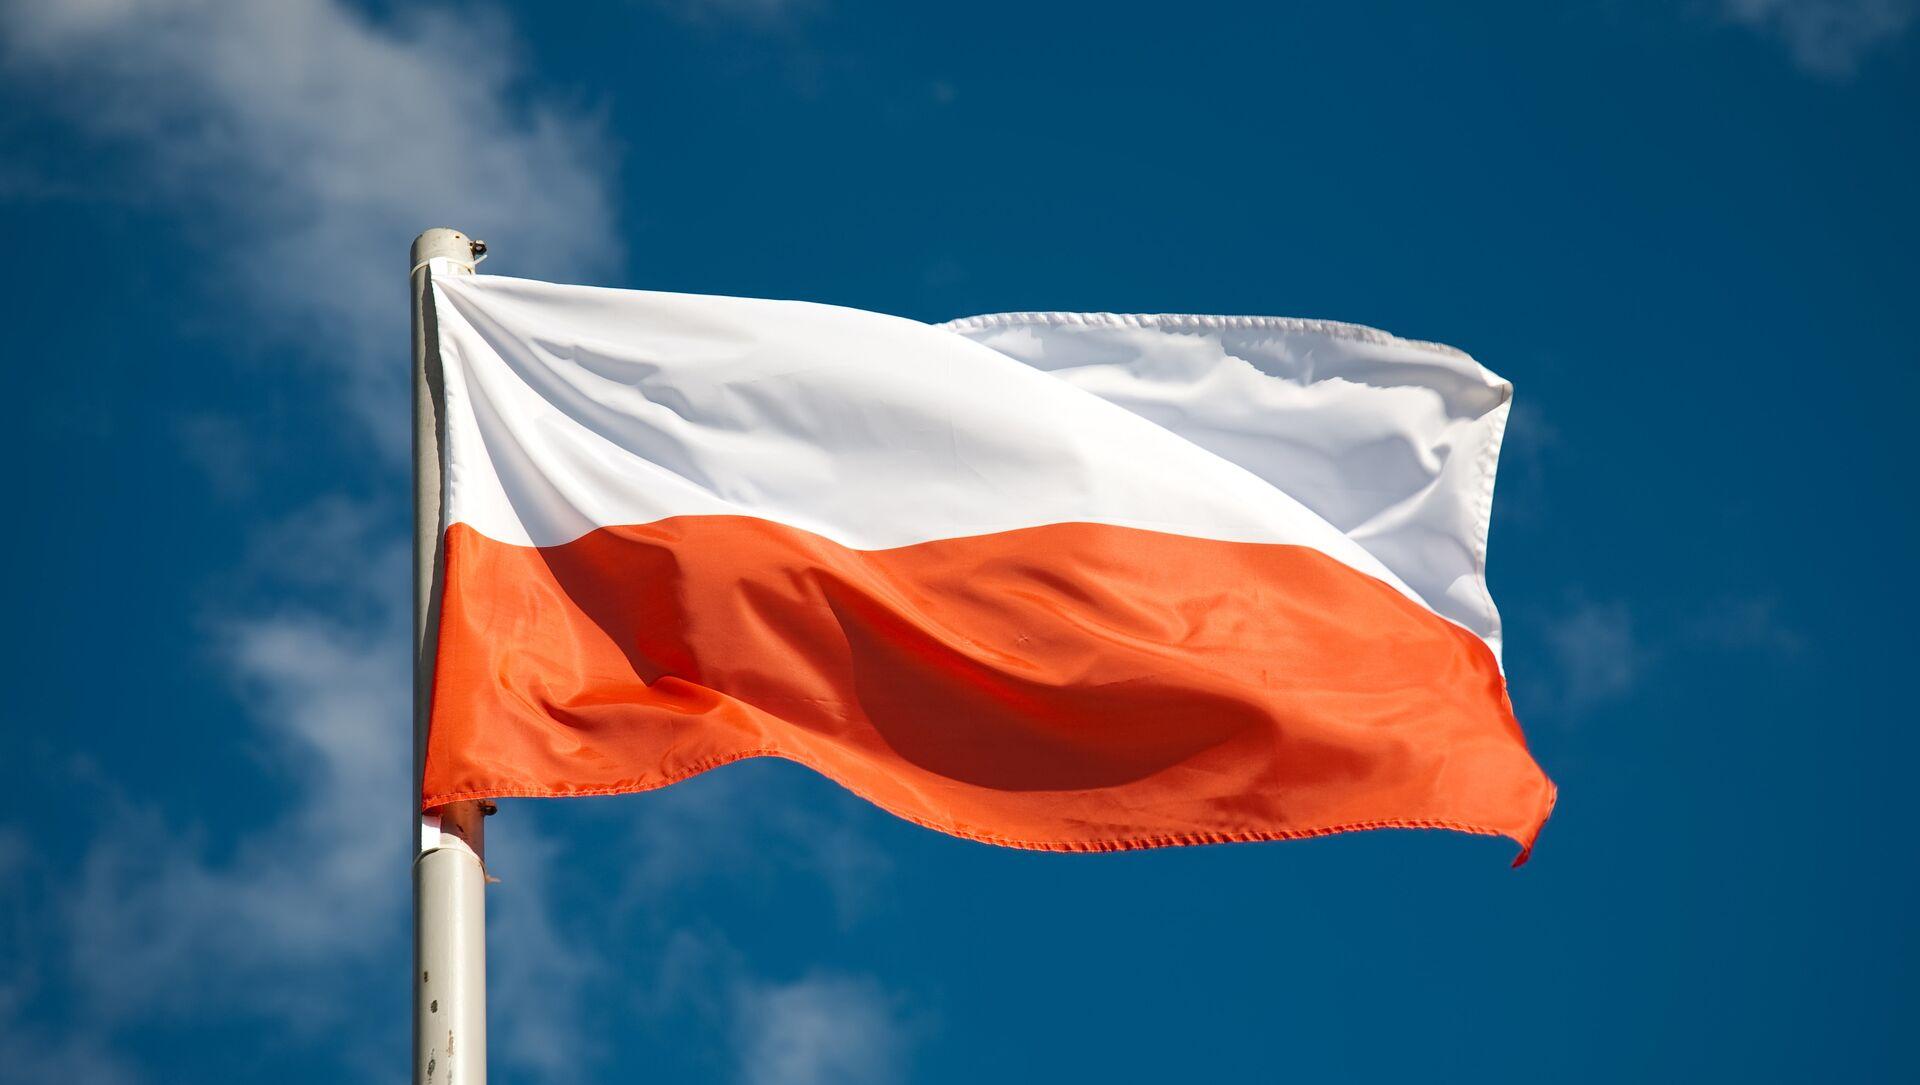 Bandera de Polonia - Sputnik Mundo, 1920, 04.02.2021